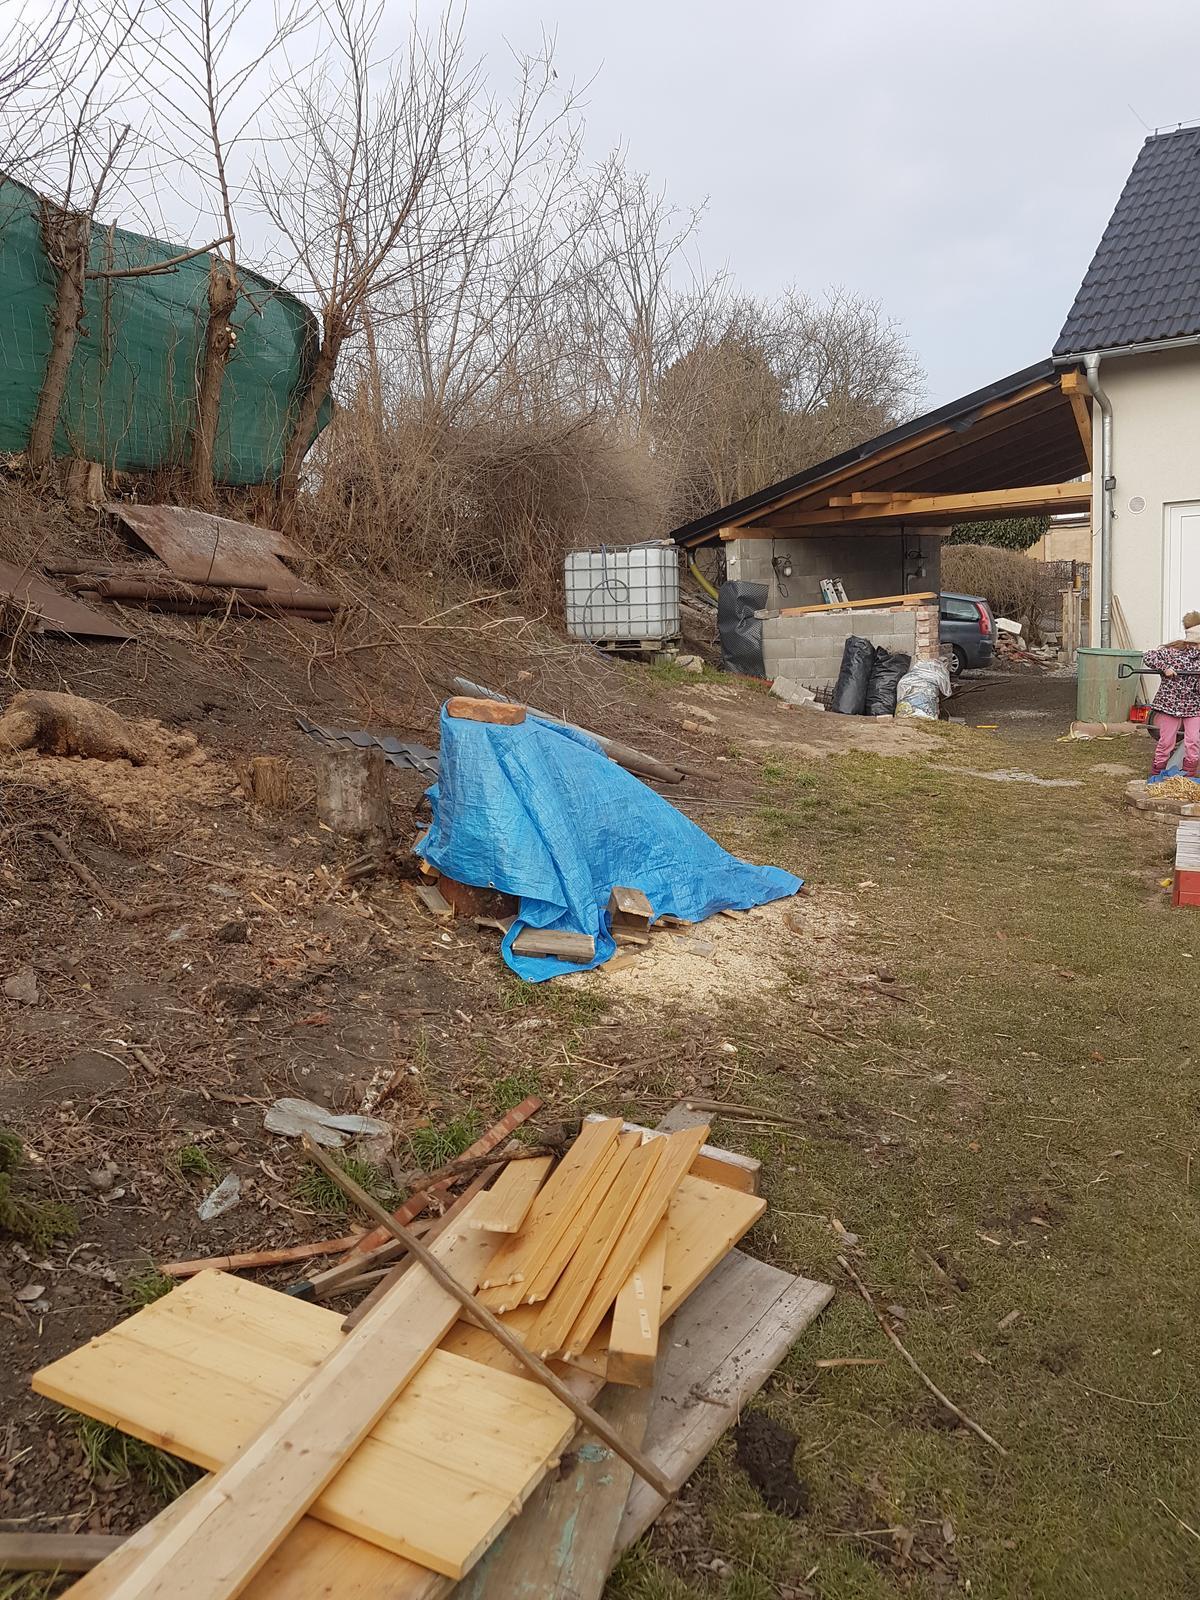 Drevník a kafé kútik - projekt roku  2018 - Drevniky padli, čistka pokračuje.